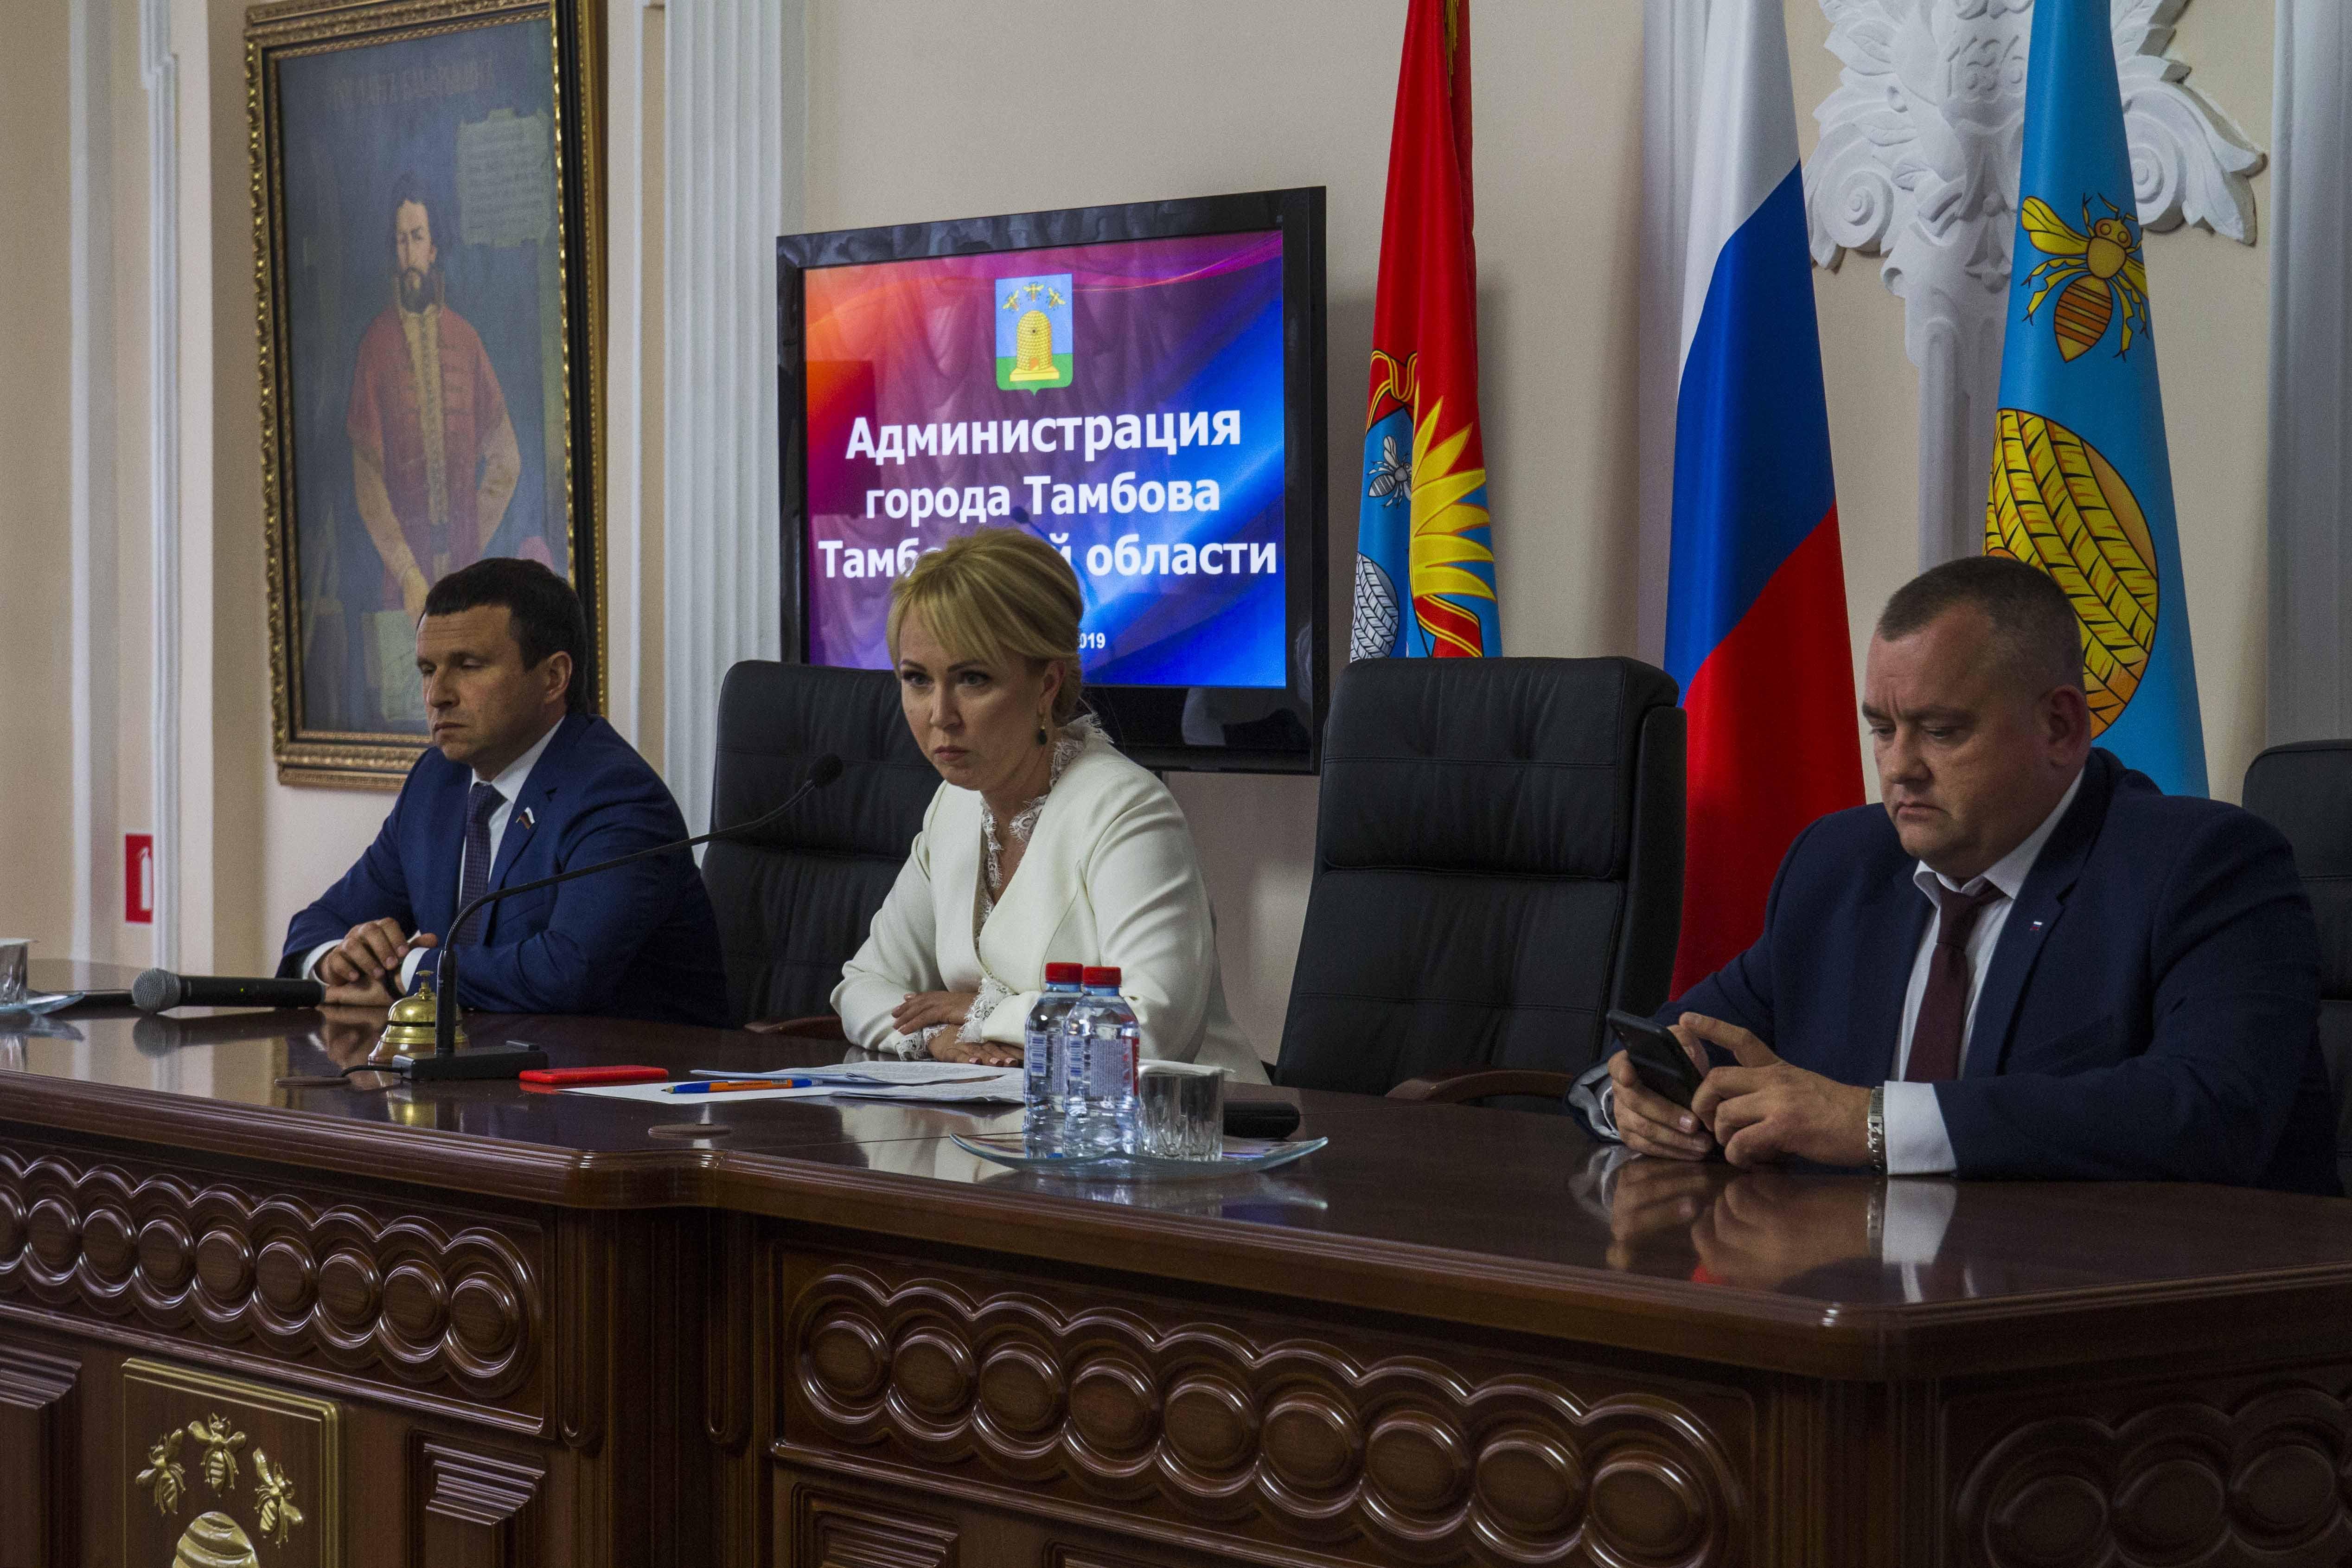 Новый глава Тамбова назначила своим первым замом Дмитрия Самородина и попросила городских чиновников забыть про нормированный рабочий день